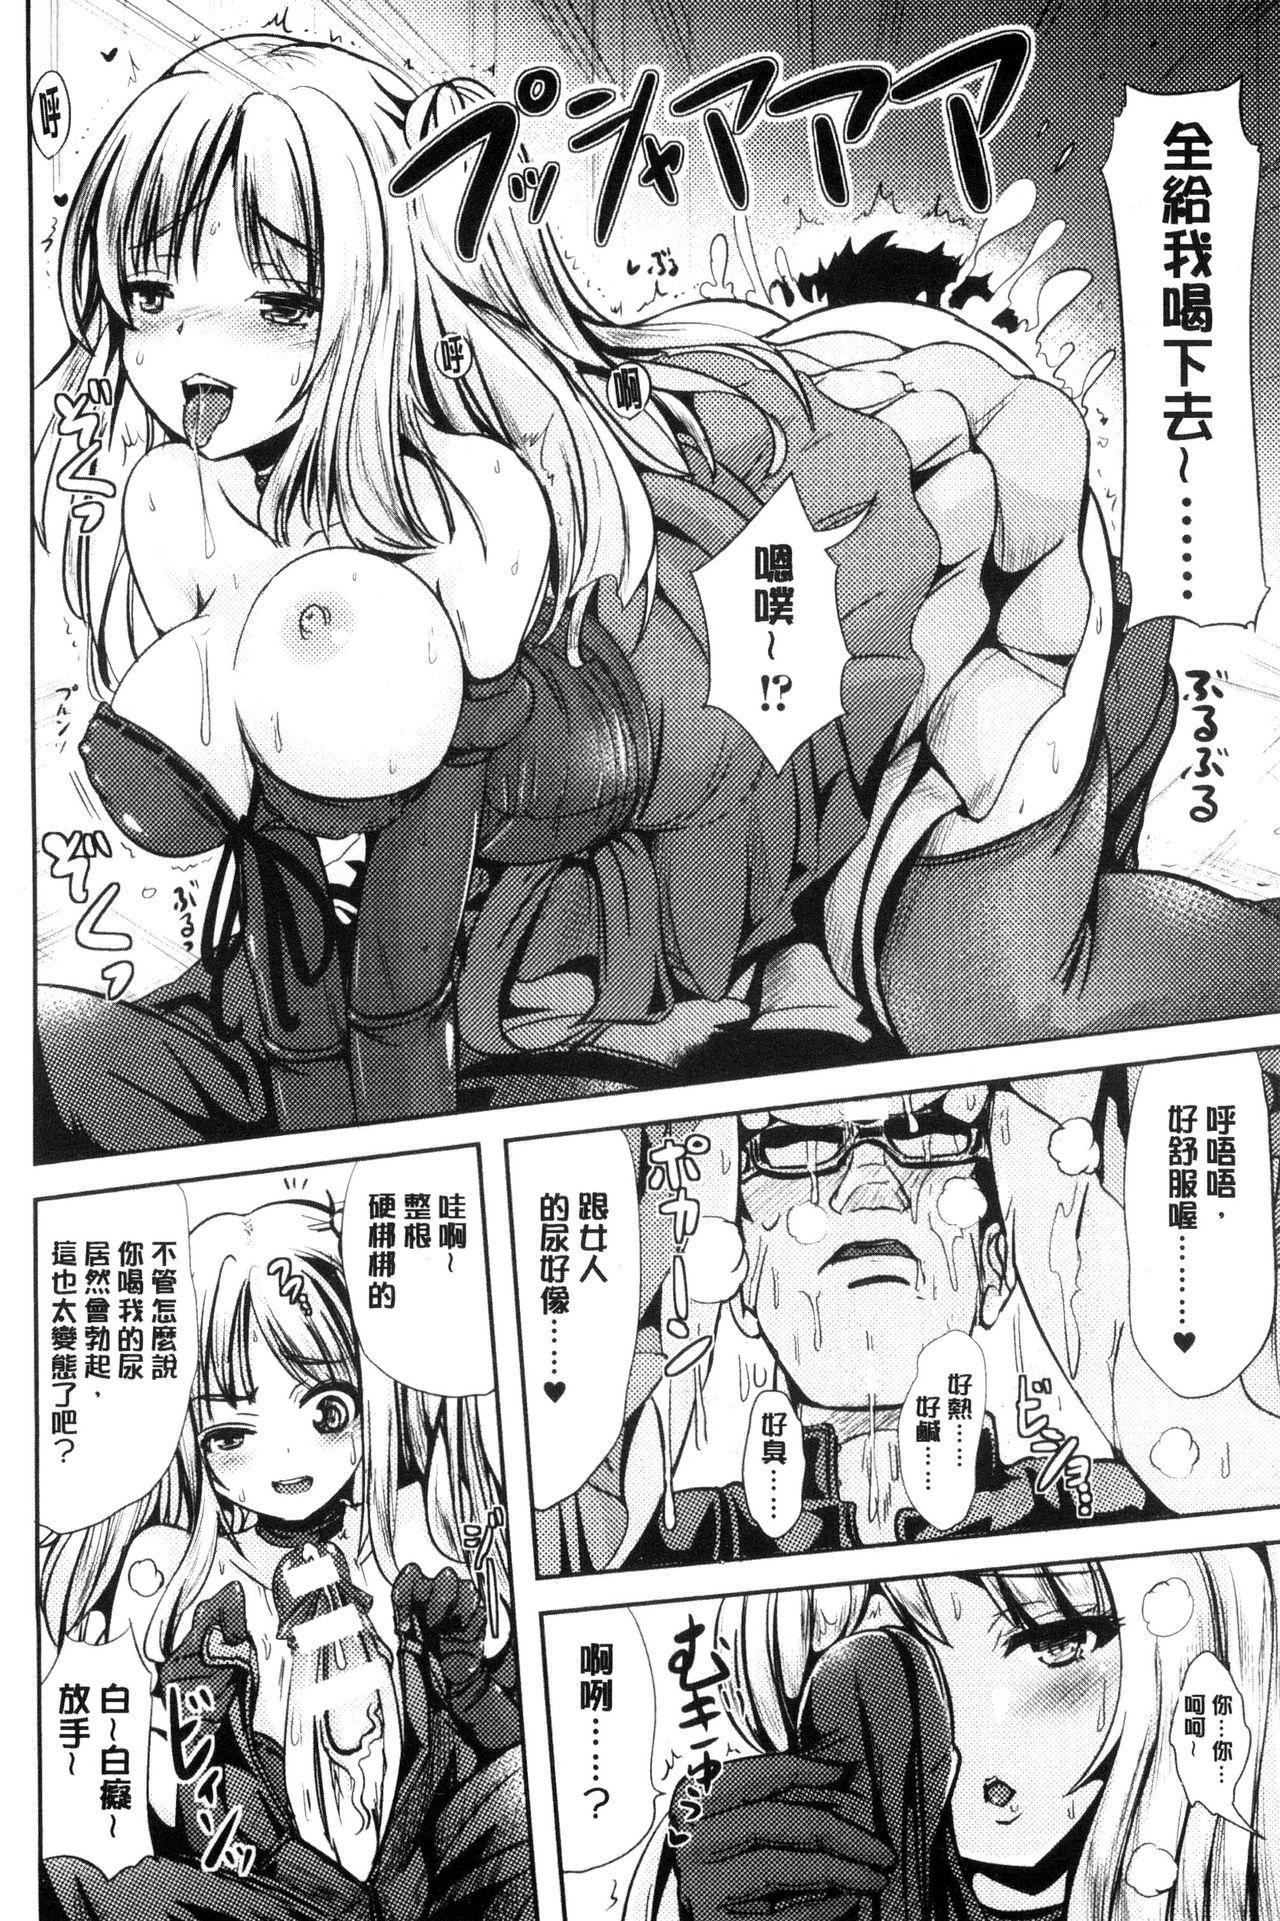 [Marneko] Onnanoko Supple ~Seitenkan Shite Hoken no Jugyou~   女孩子補給品 性轉換之後保健的授業 [Chinese] 51